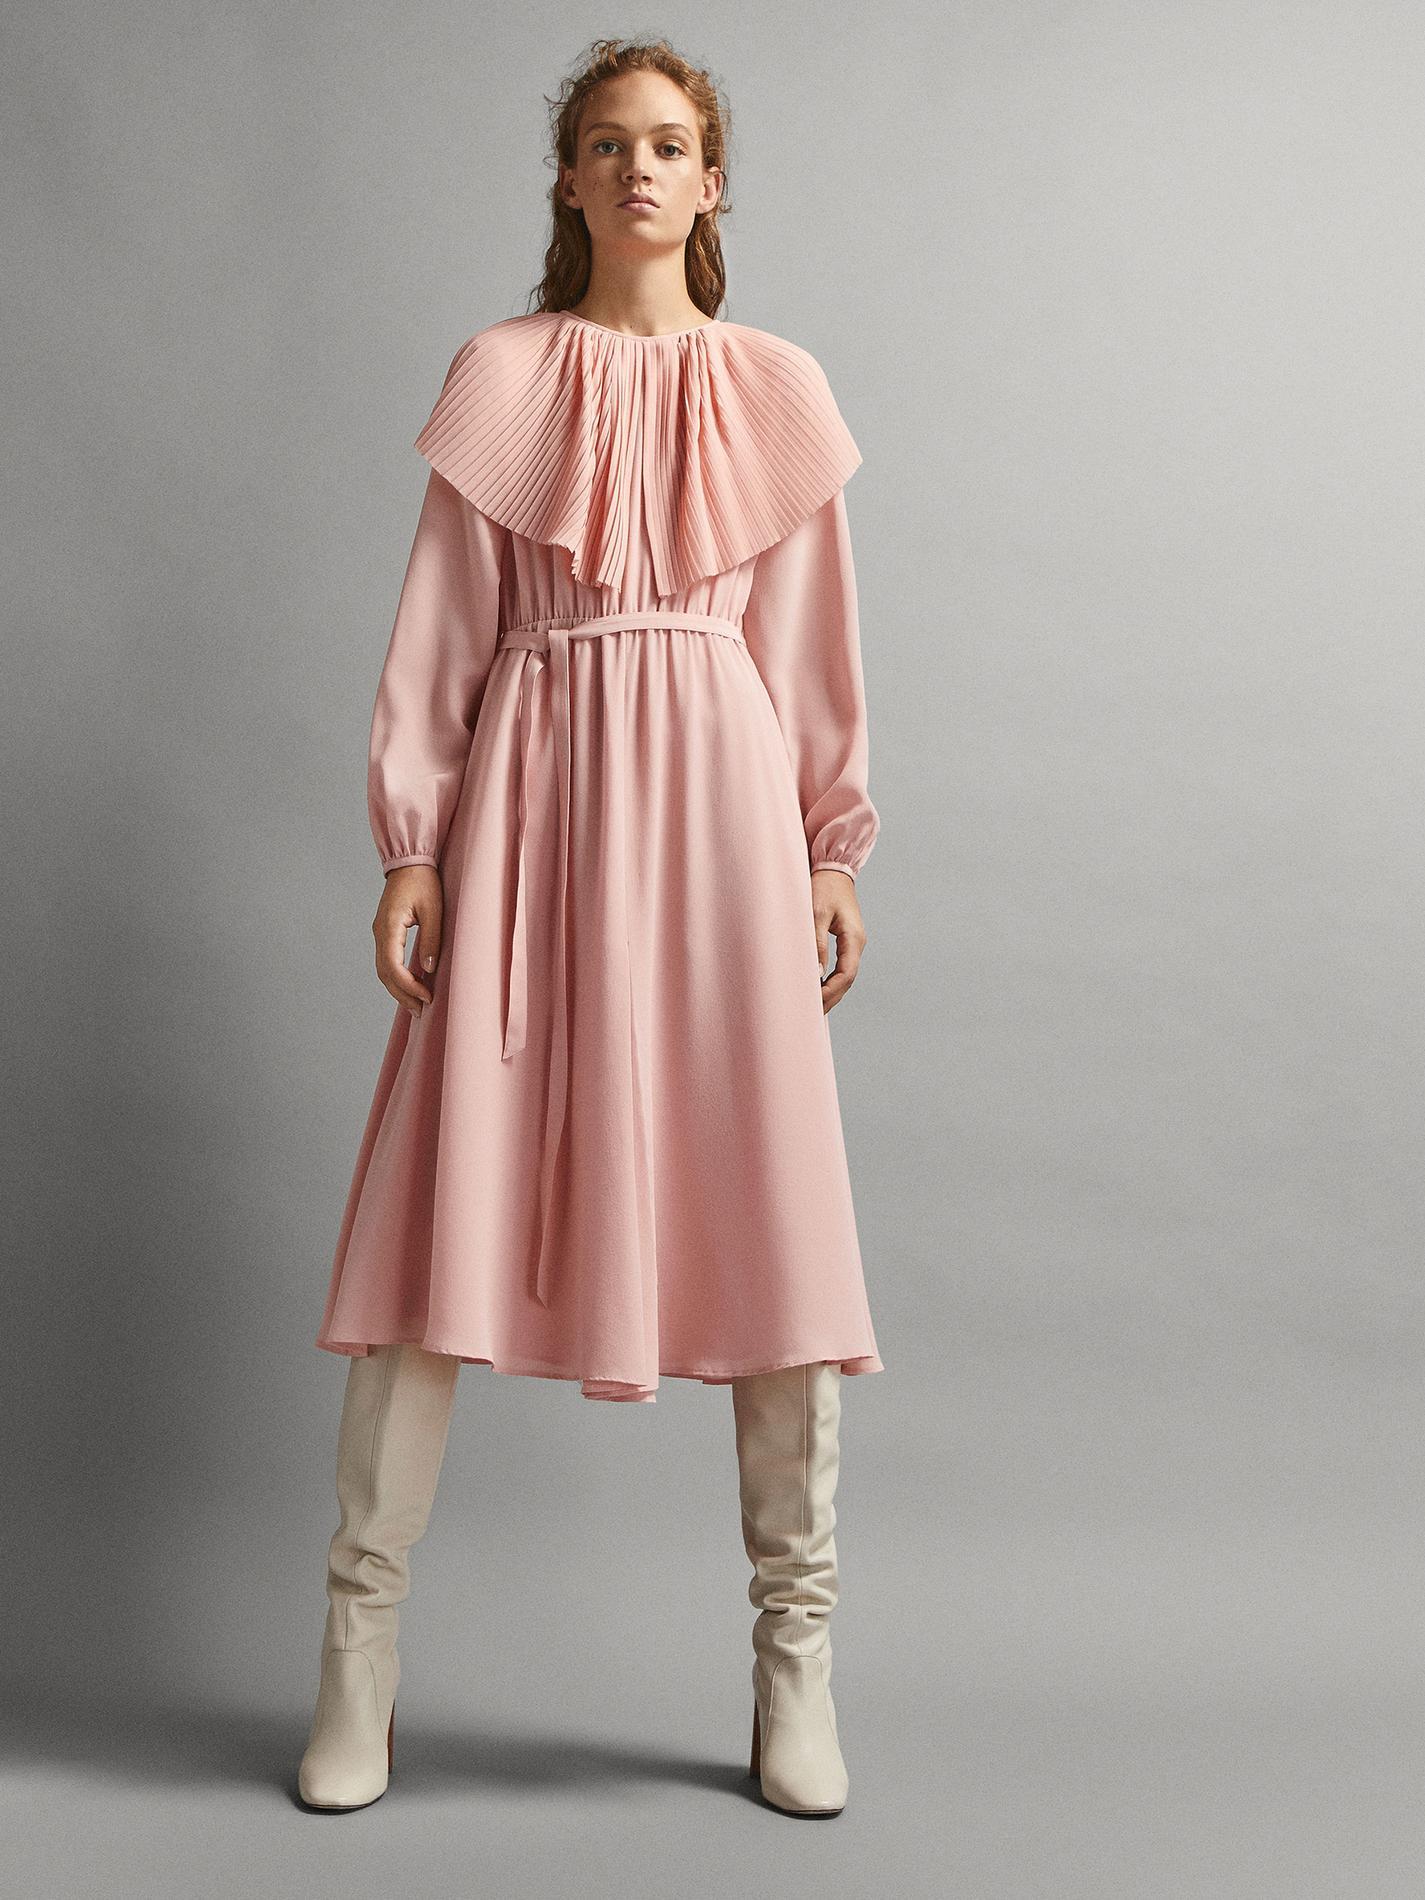 e7d037a7ef7 Comment s habiller quand on est invitée à un mariage en hiver ...